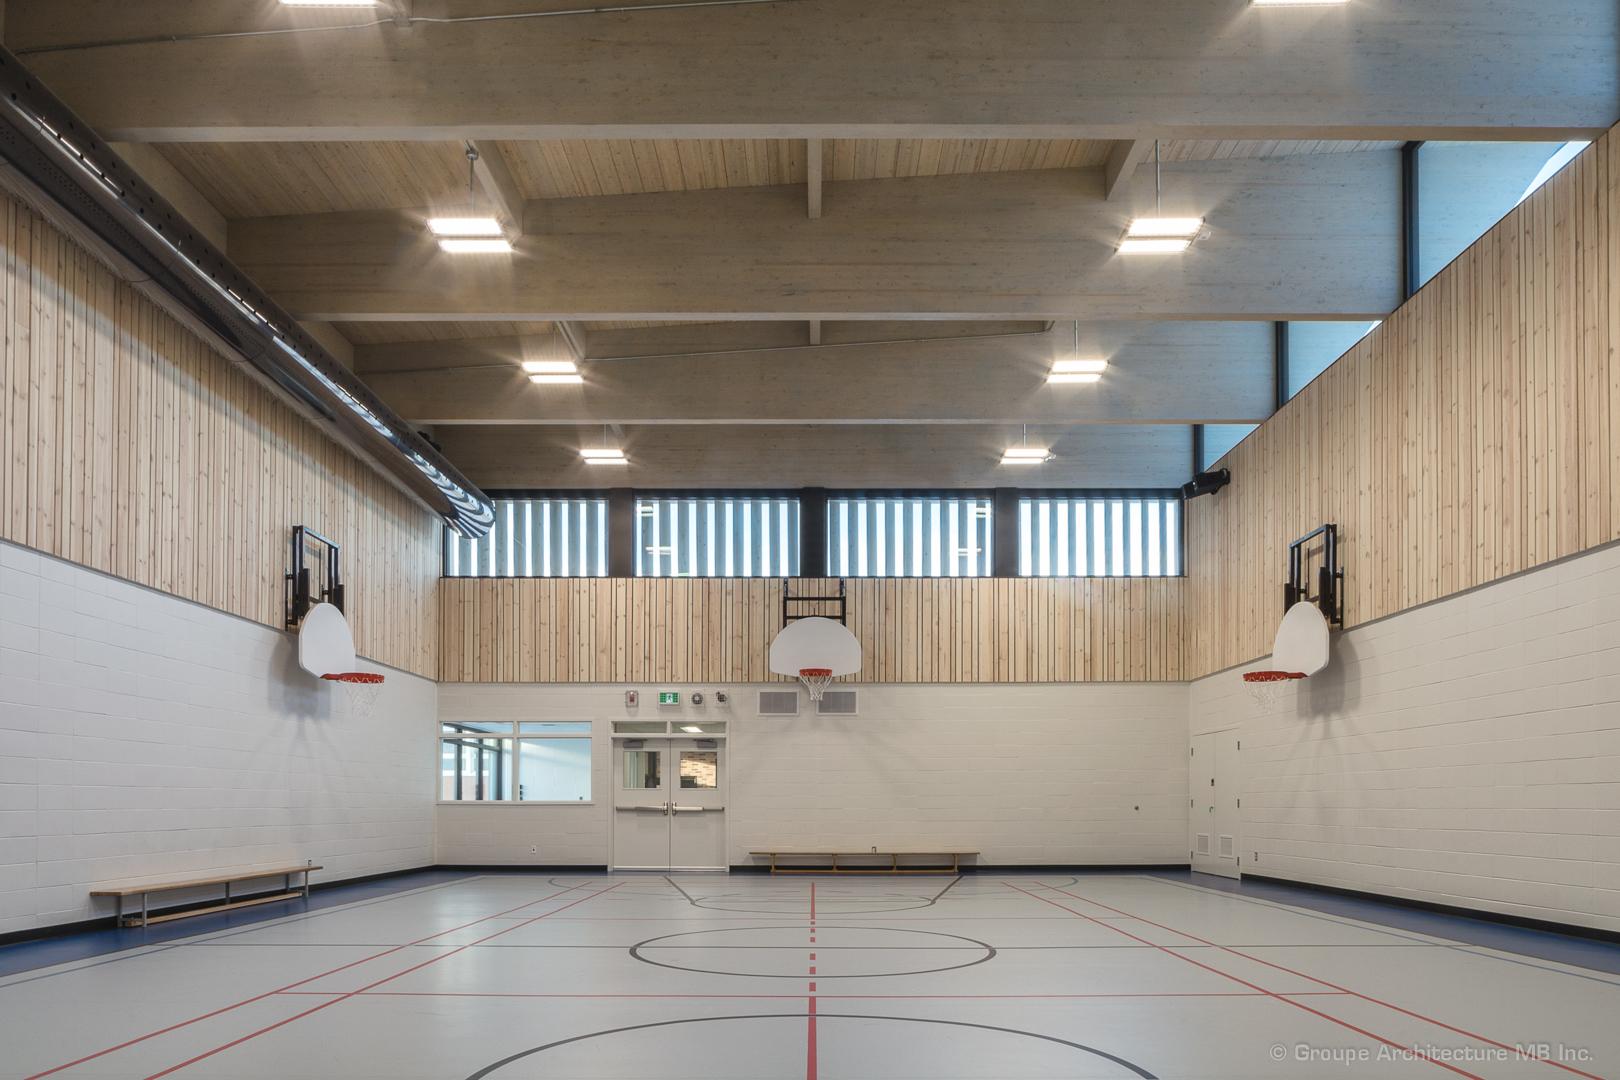 Gymnase de l'école Saint-Victor Cecobois 3